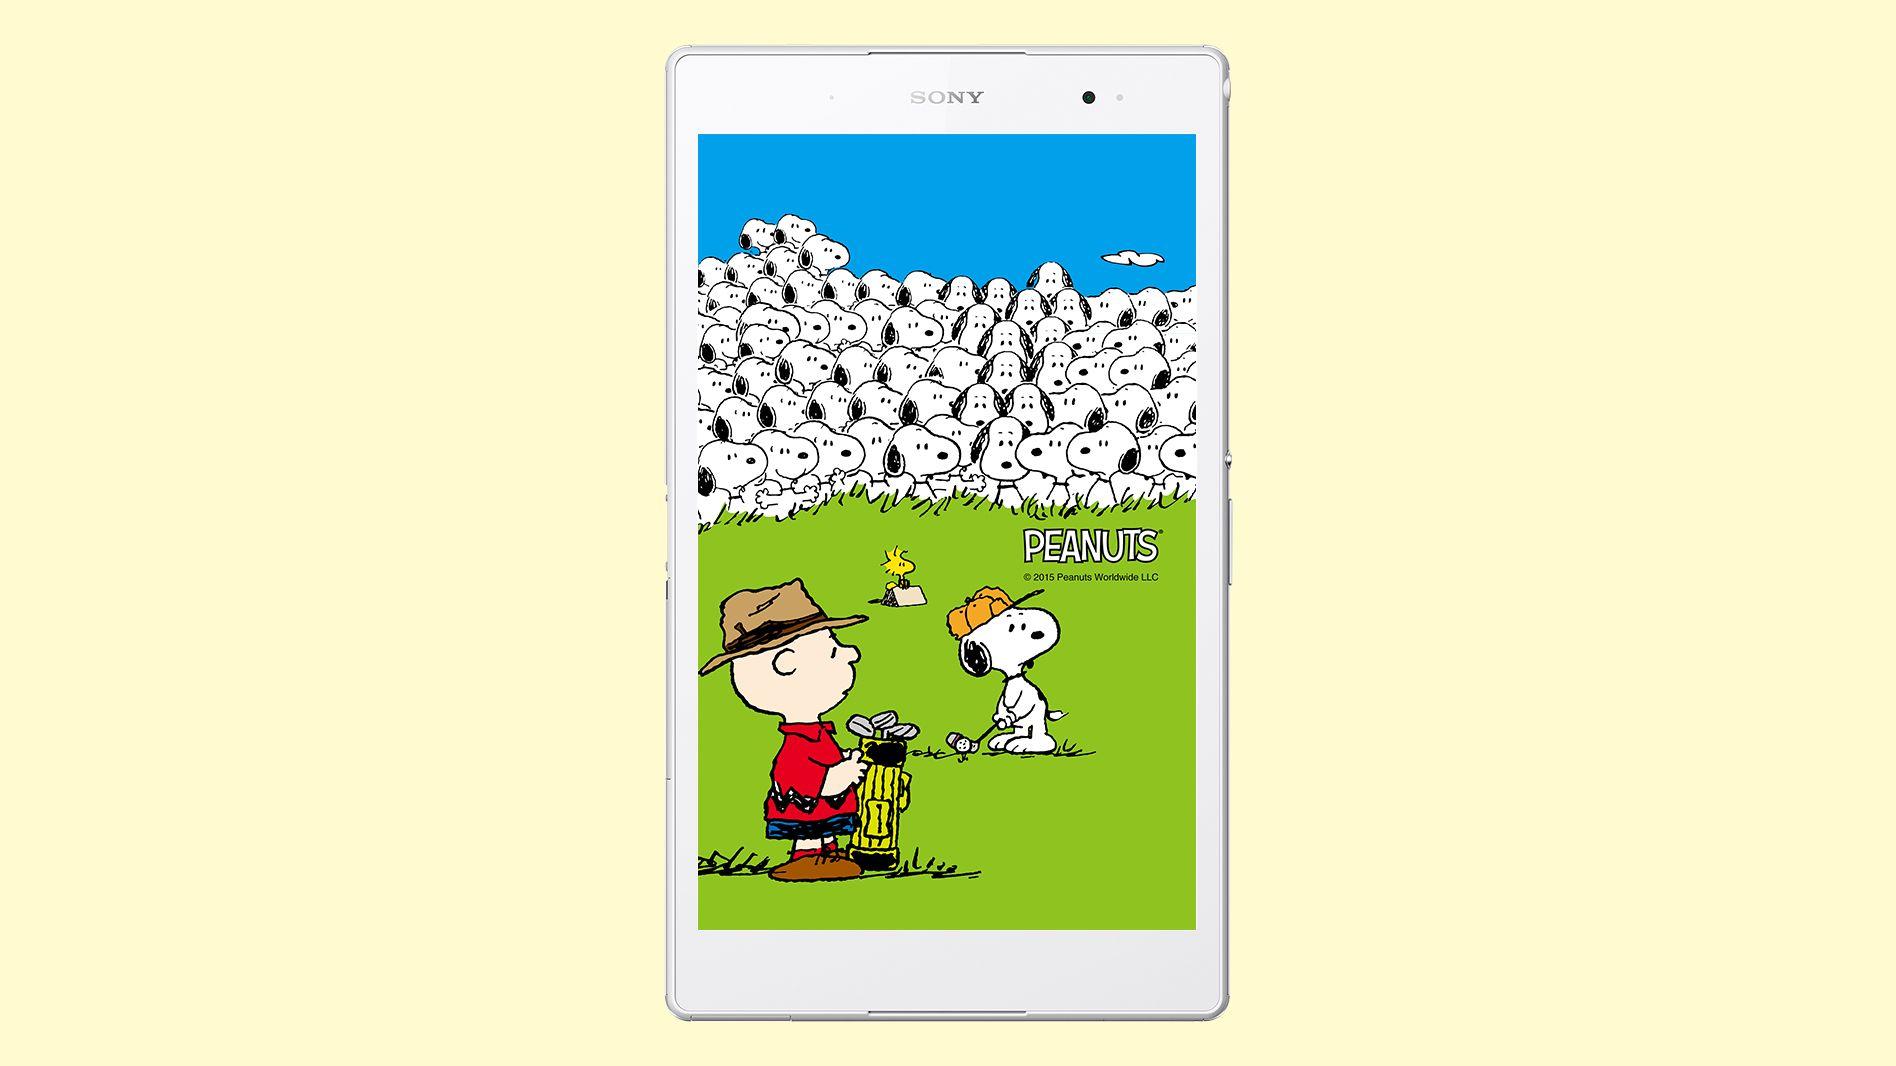 ストア限定 Xperia Tablet Snoopy 65th Anniversary Collectionが登場